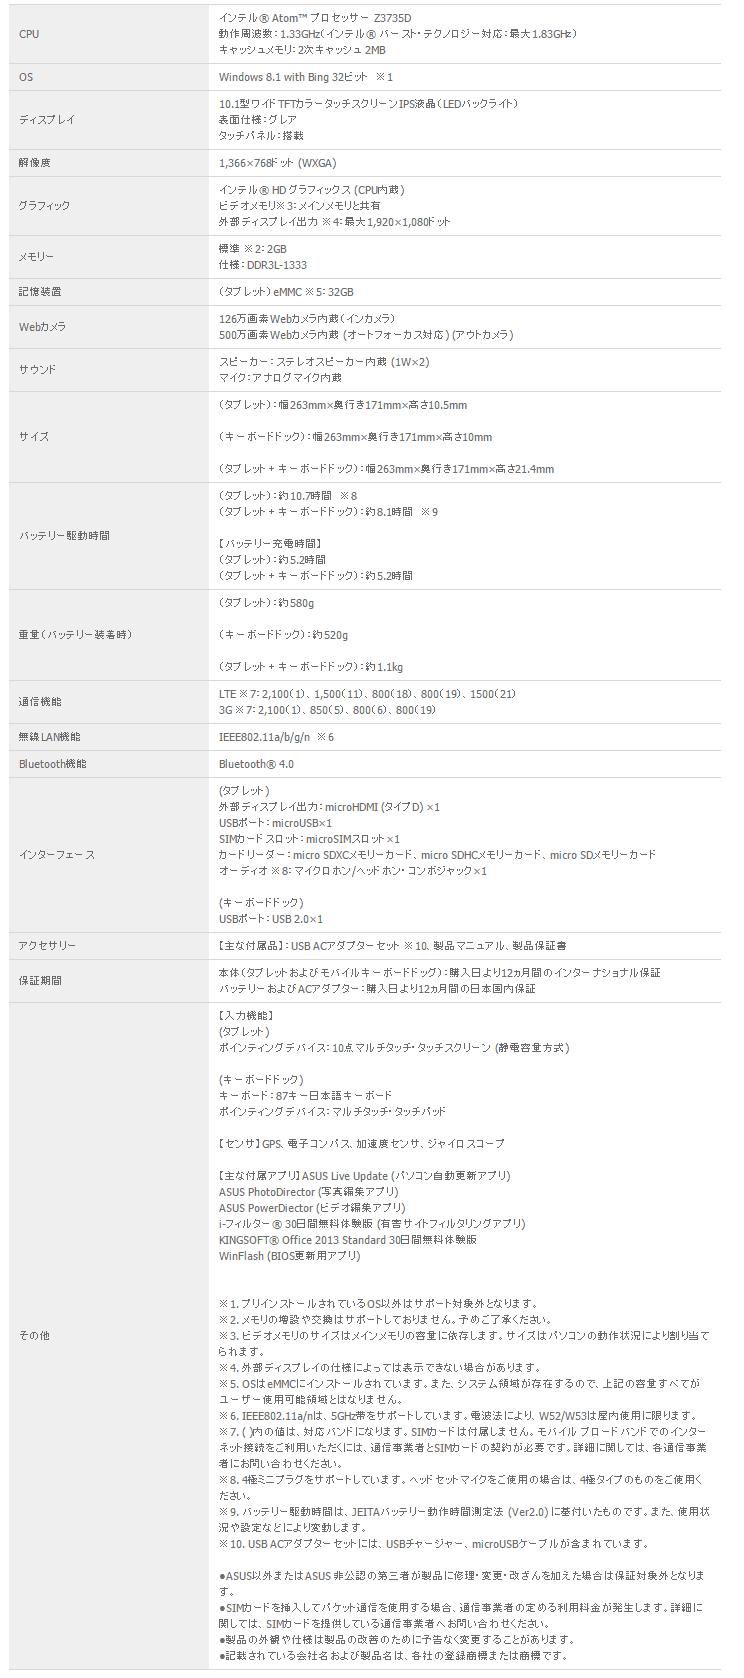 ASUS TransBook T100TAL スペック表